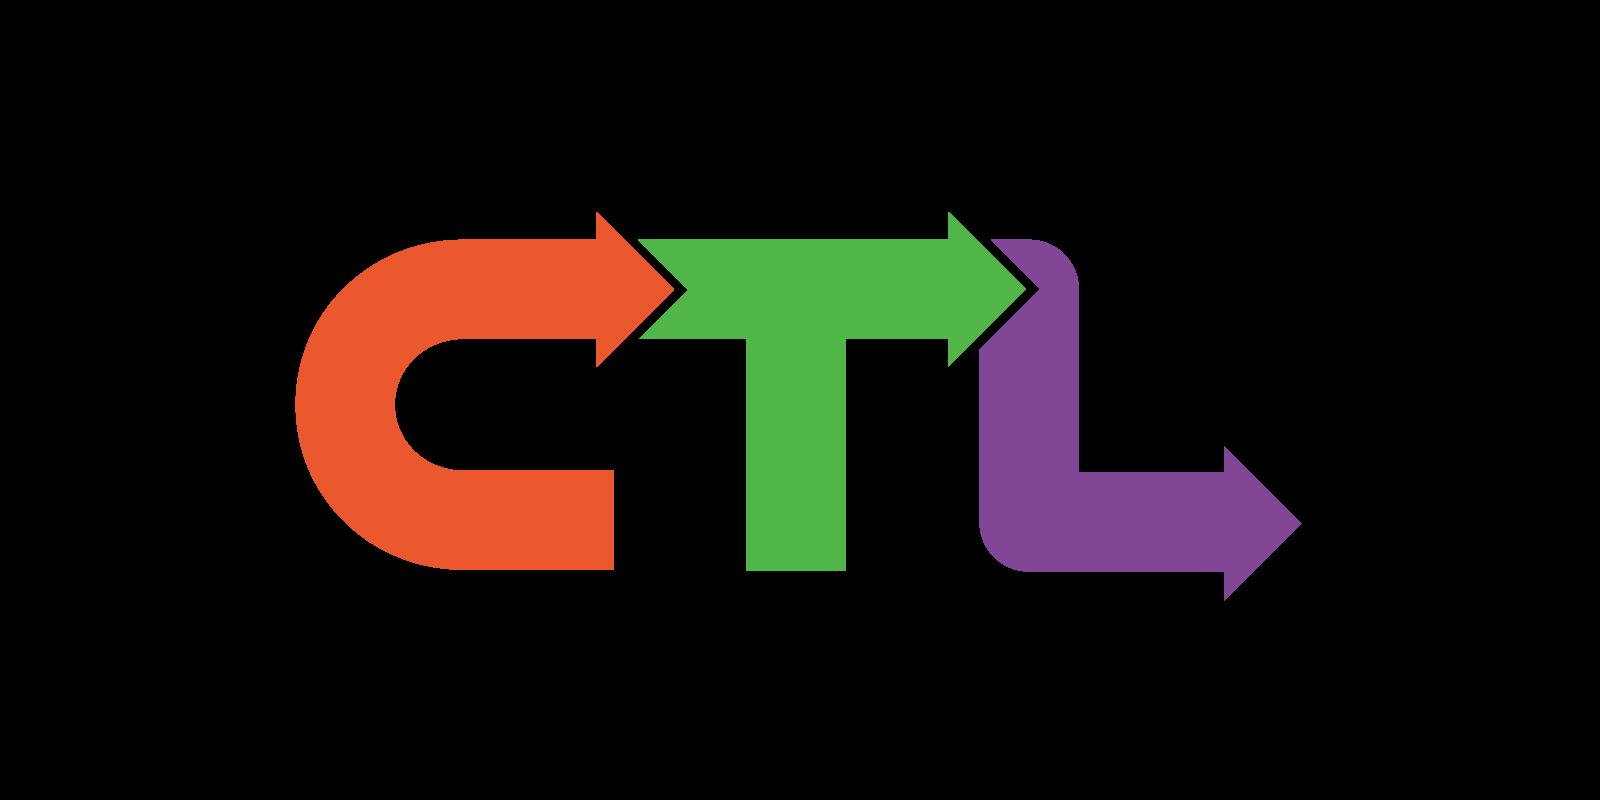 ctl-logo-2016.png